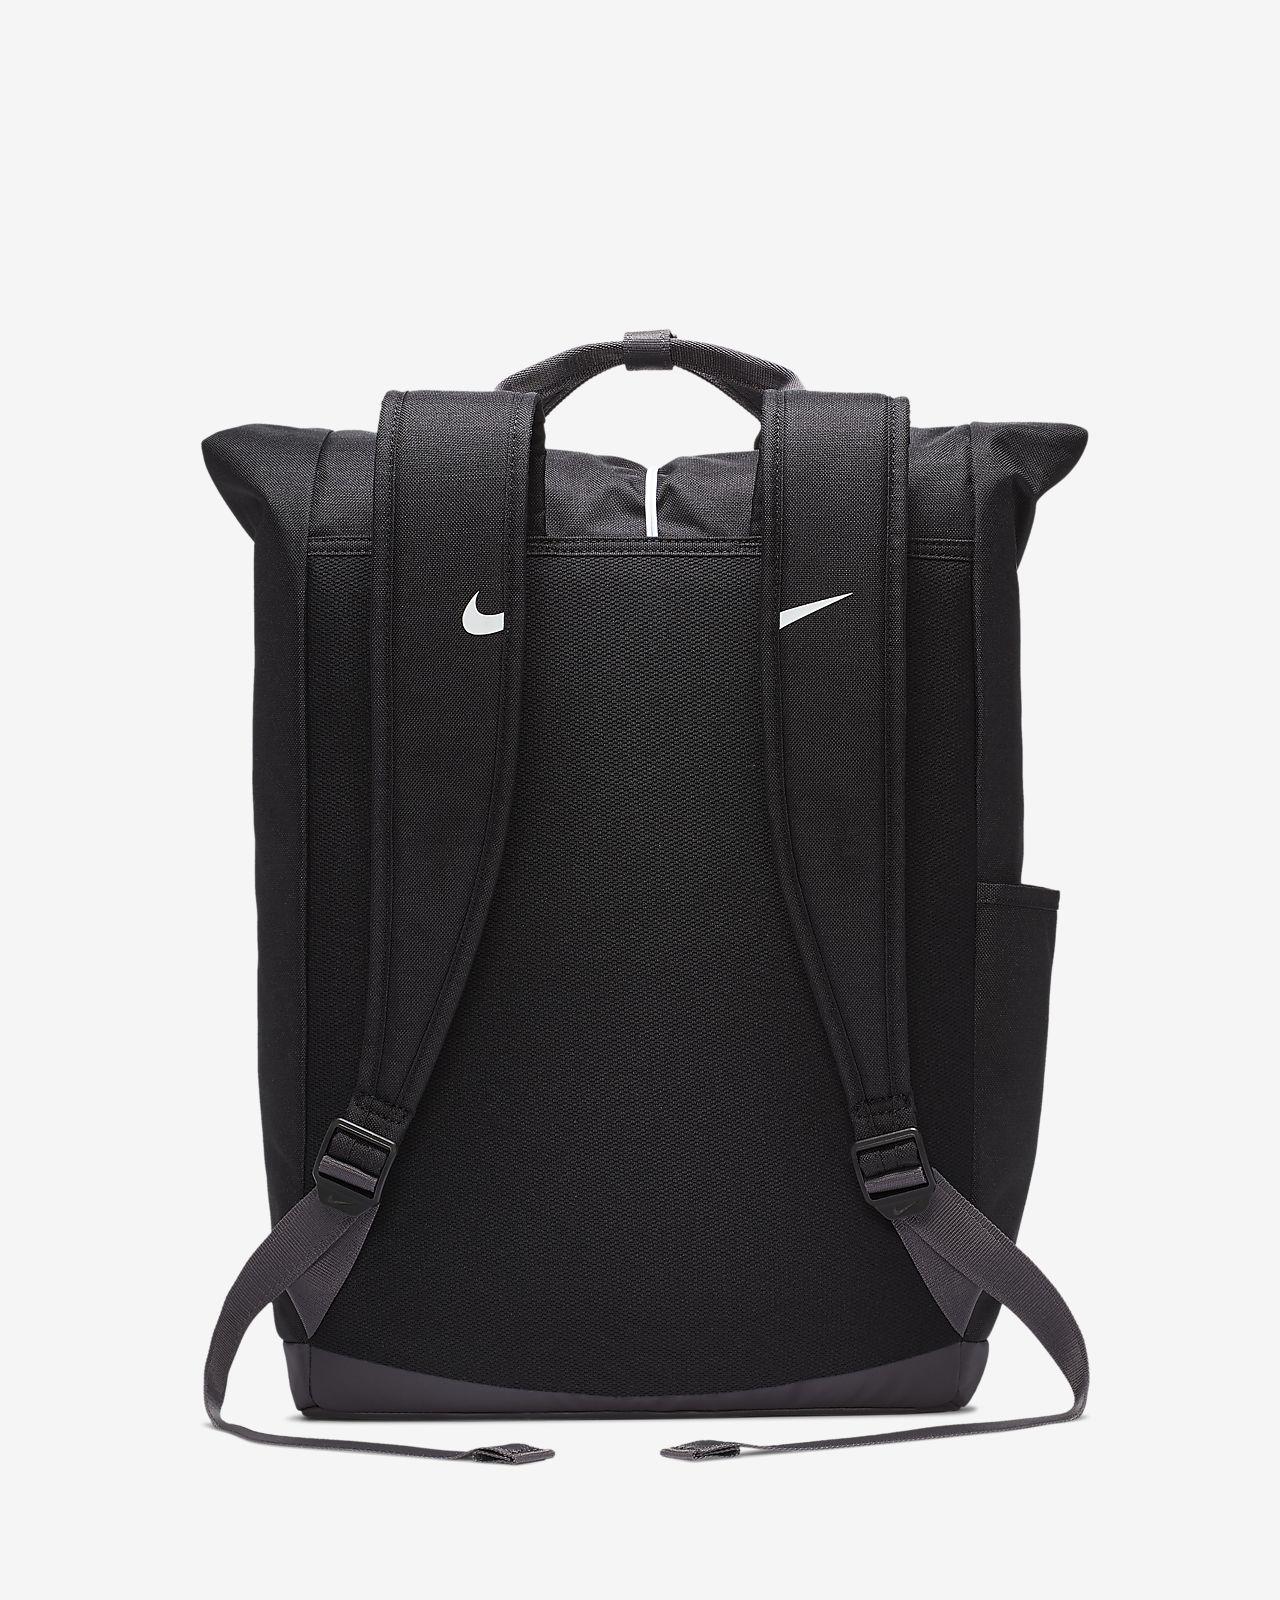 b37e362cdc1 Low Resolution Nike Radiate Backpack Nike Radiate Backpack